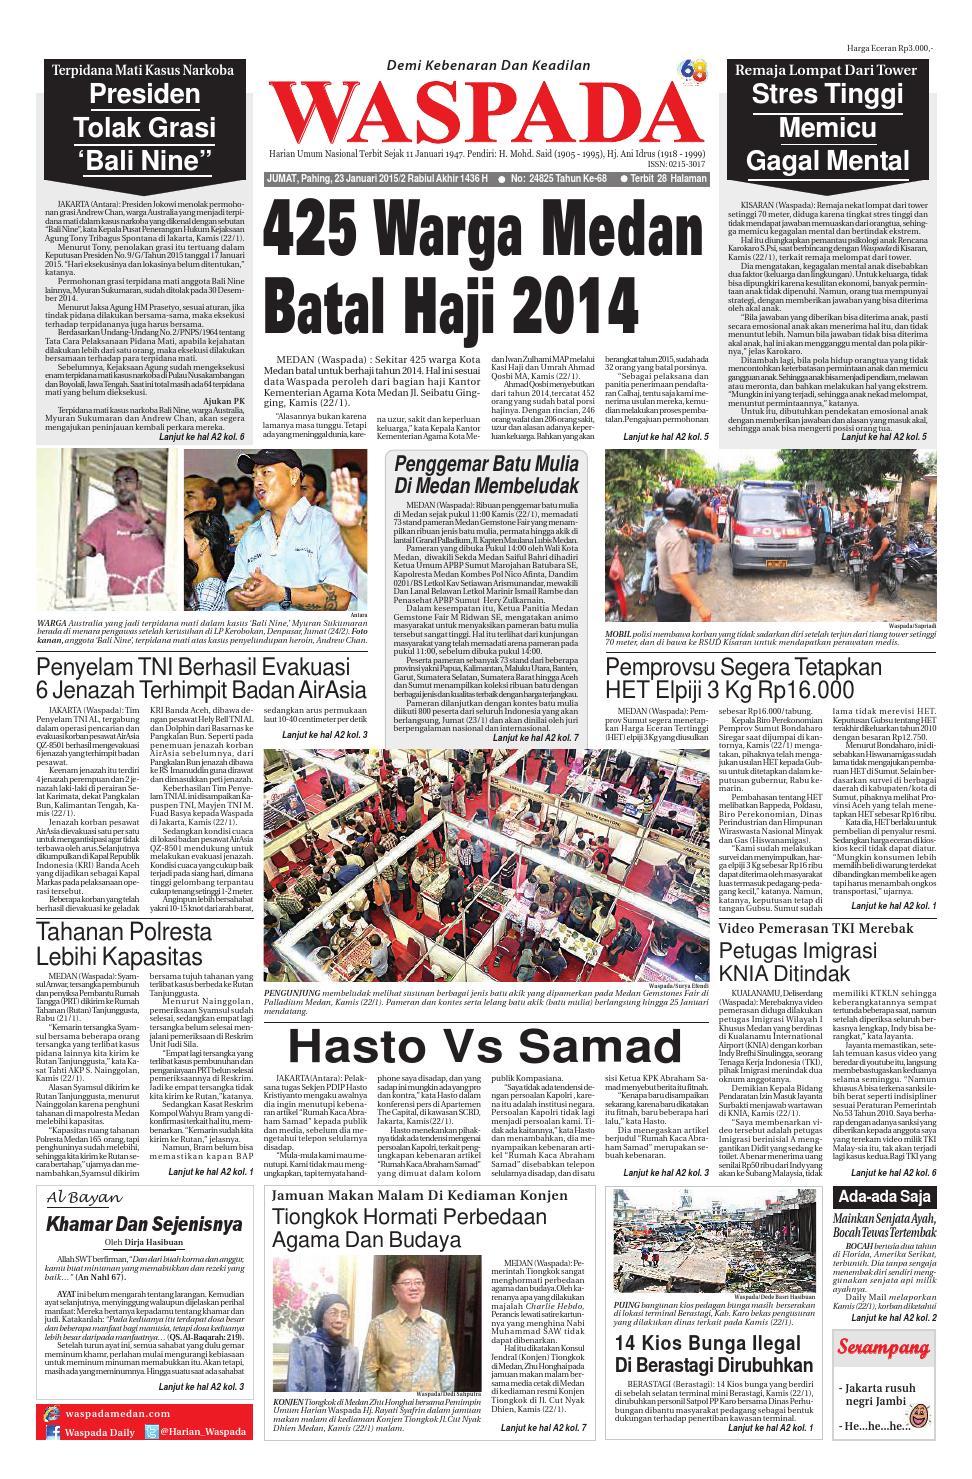 Waspada Jumat 23 Januari 2015 By Harian Issuu E5673 Tsel Ramadhan Fair Asia Plaza Tasikmalaya